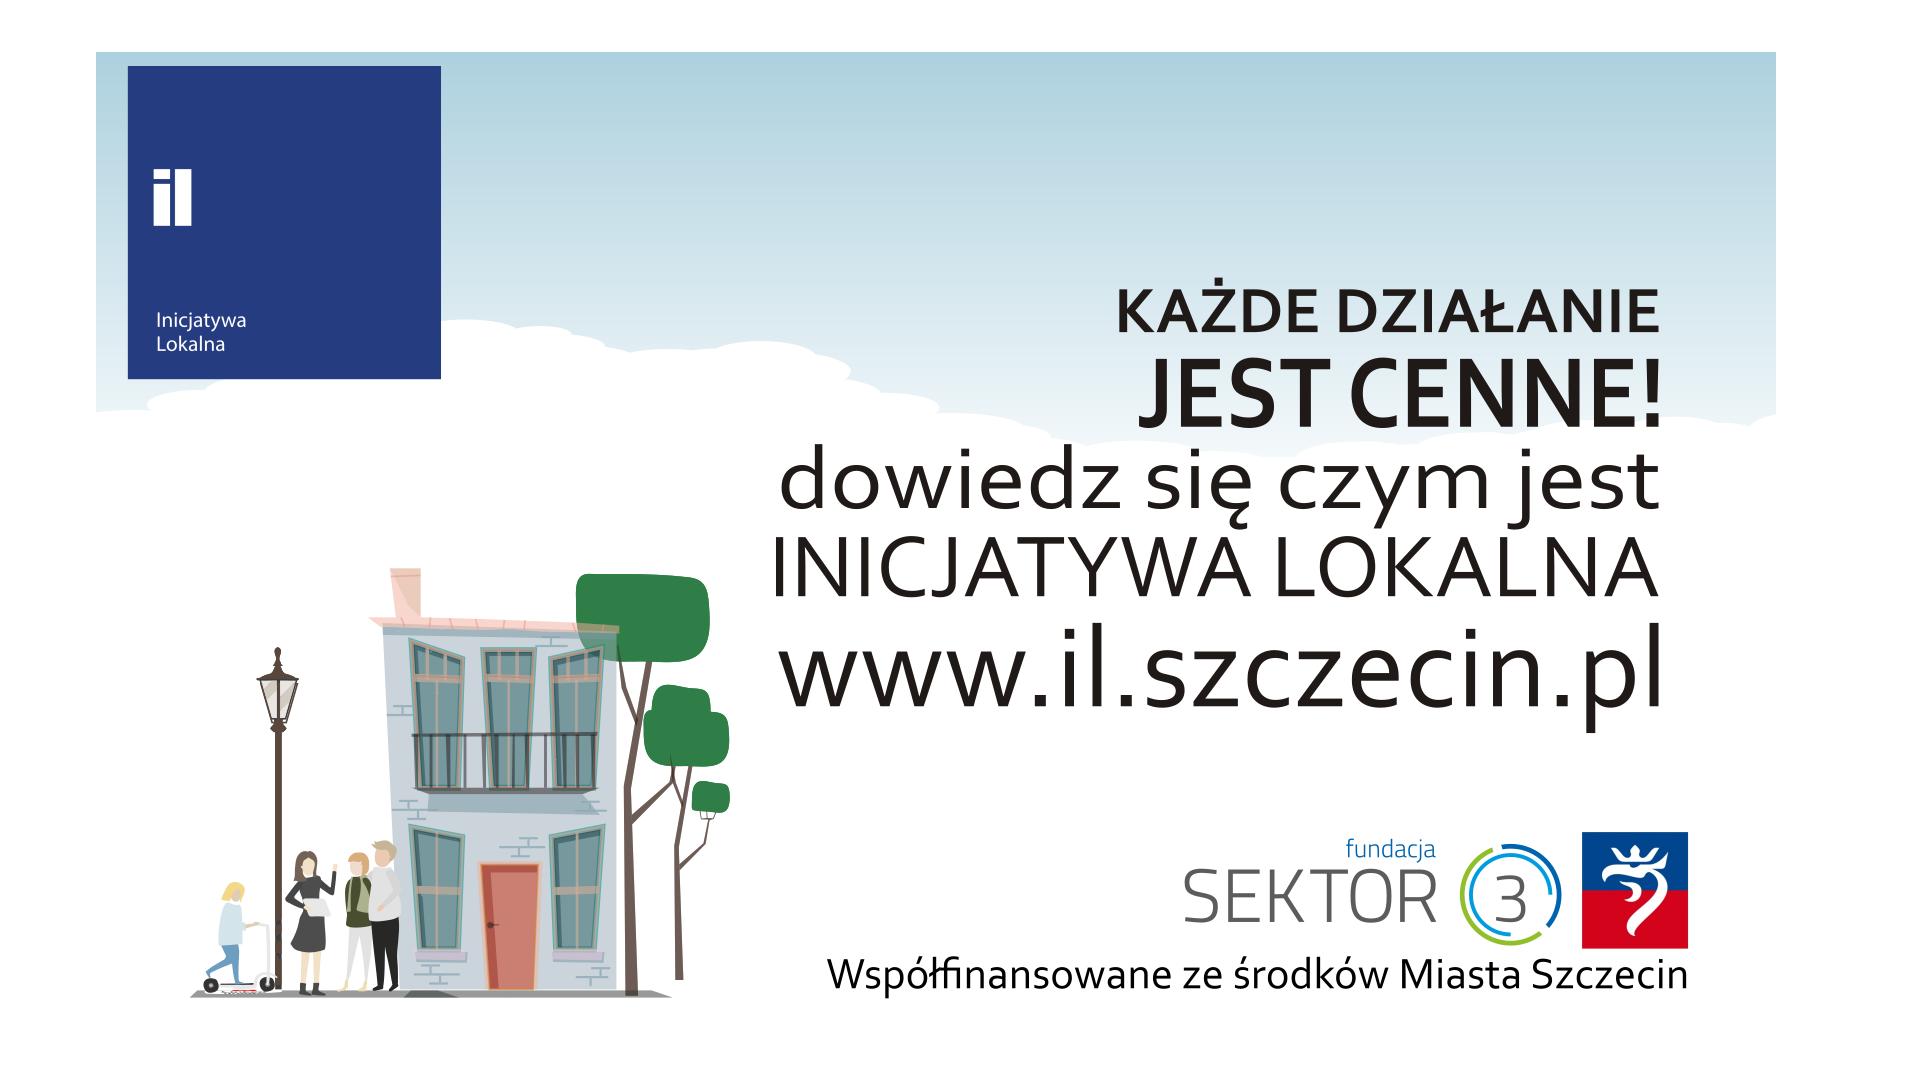 W lewej części grafiki znajduje się kamienica na tle nieba. W prawej części grafiki znajduje się tekst każde działanie jest cenne, dowiedz się czym jest Inicjatywa Lokalna, www.il.szczecin.pl